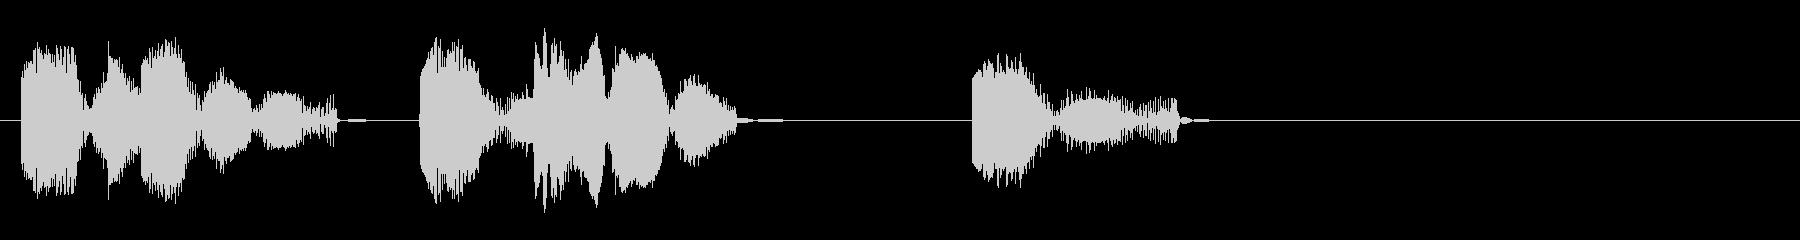 ロボットの音声 1の未再生の波形